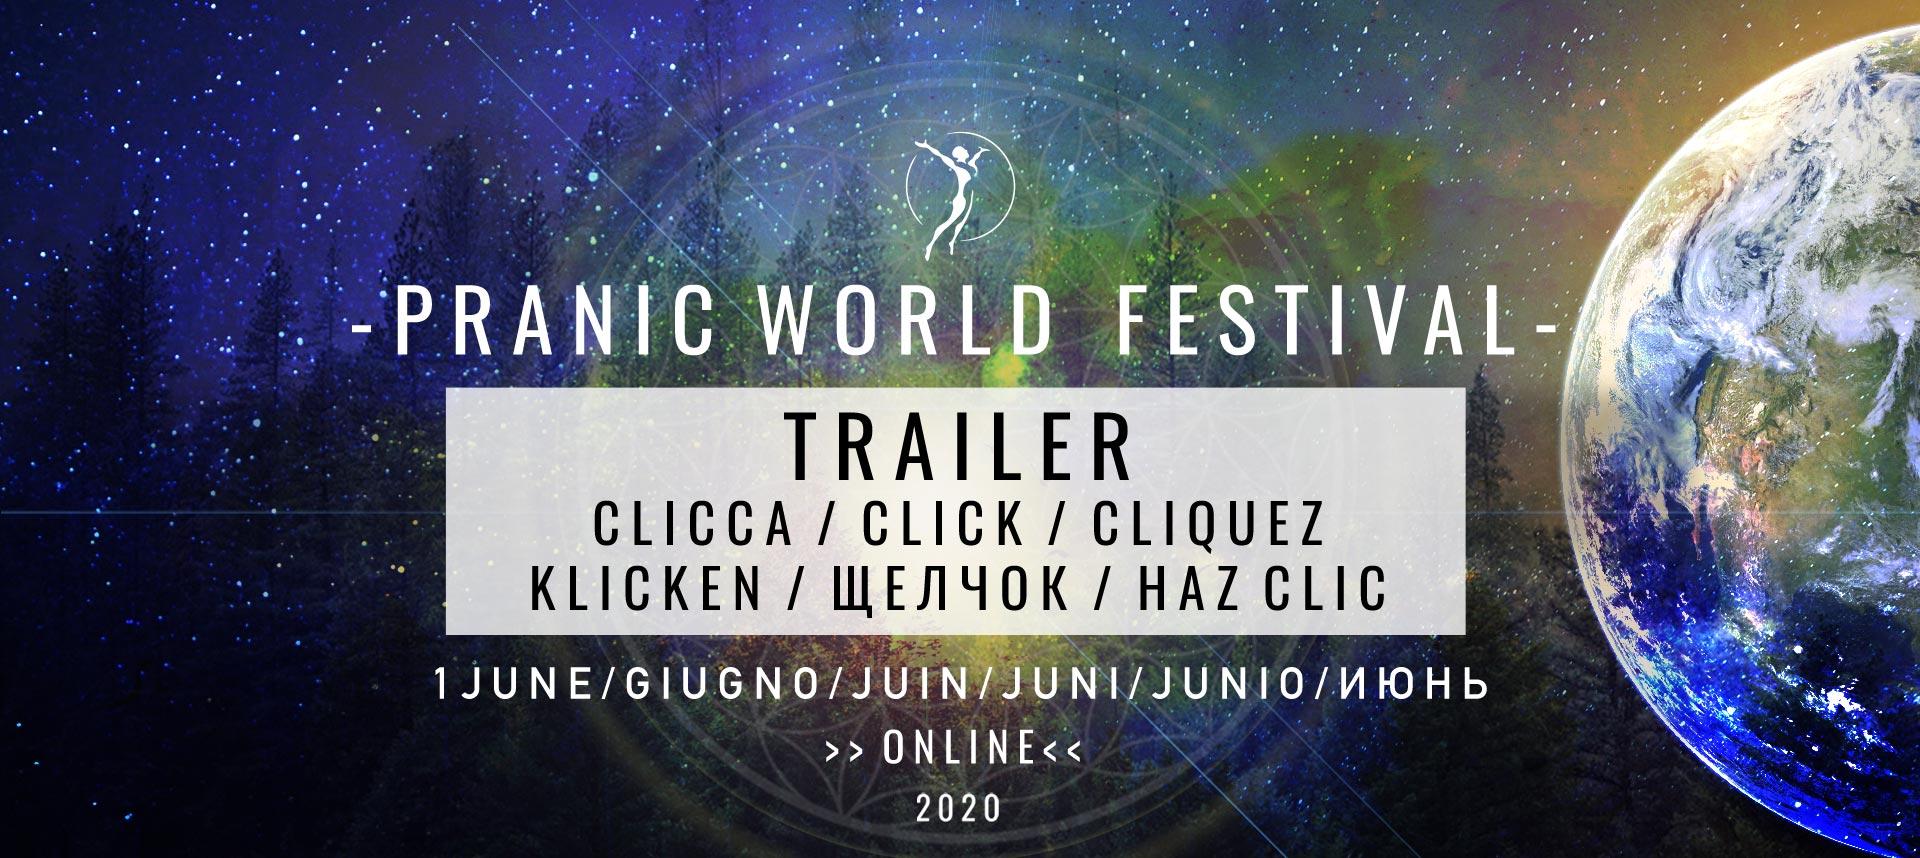 pranic world festival online